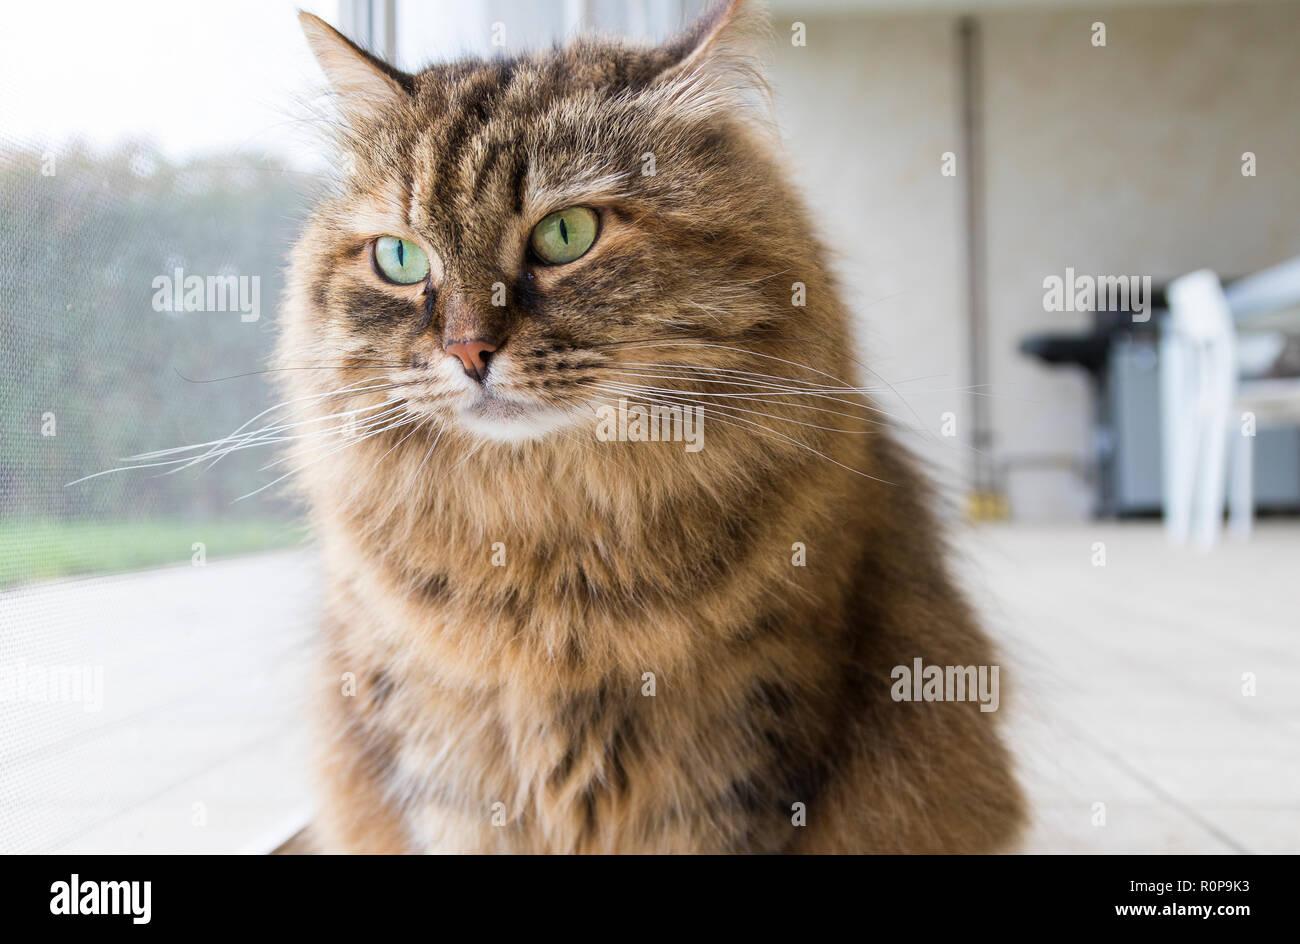 Curioso il bestiame cat guardando all'aperto, funny pet Immagini Stock